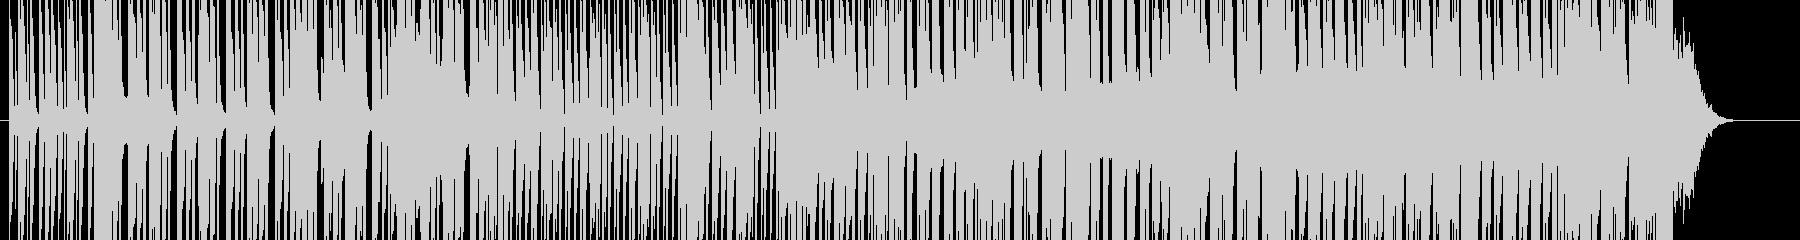 フリースタイル ラップバトル用音源の未再生の波形